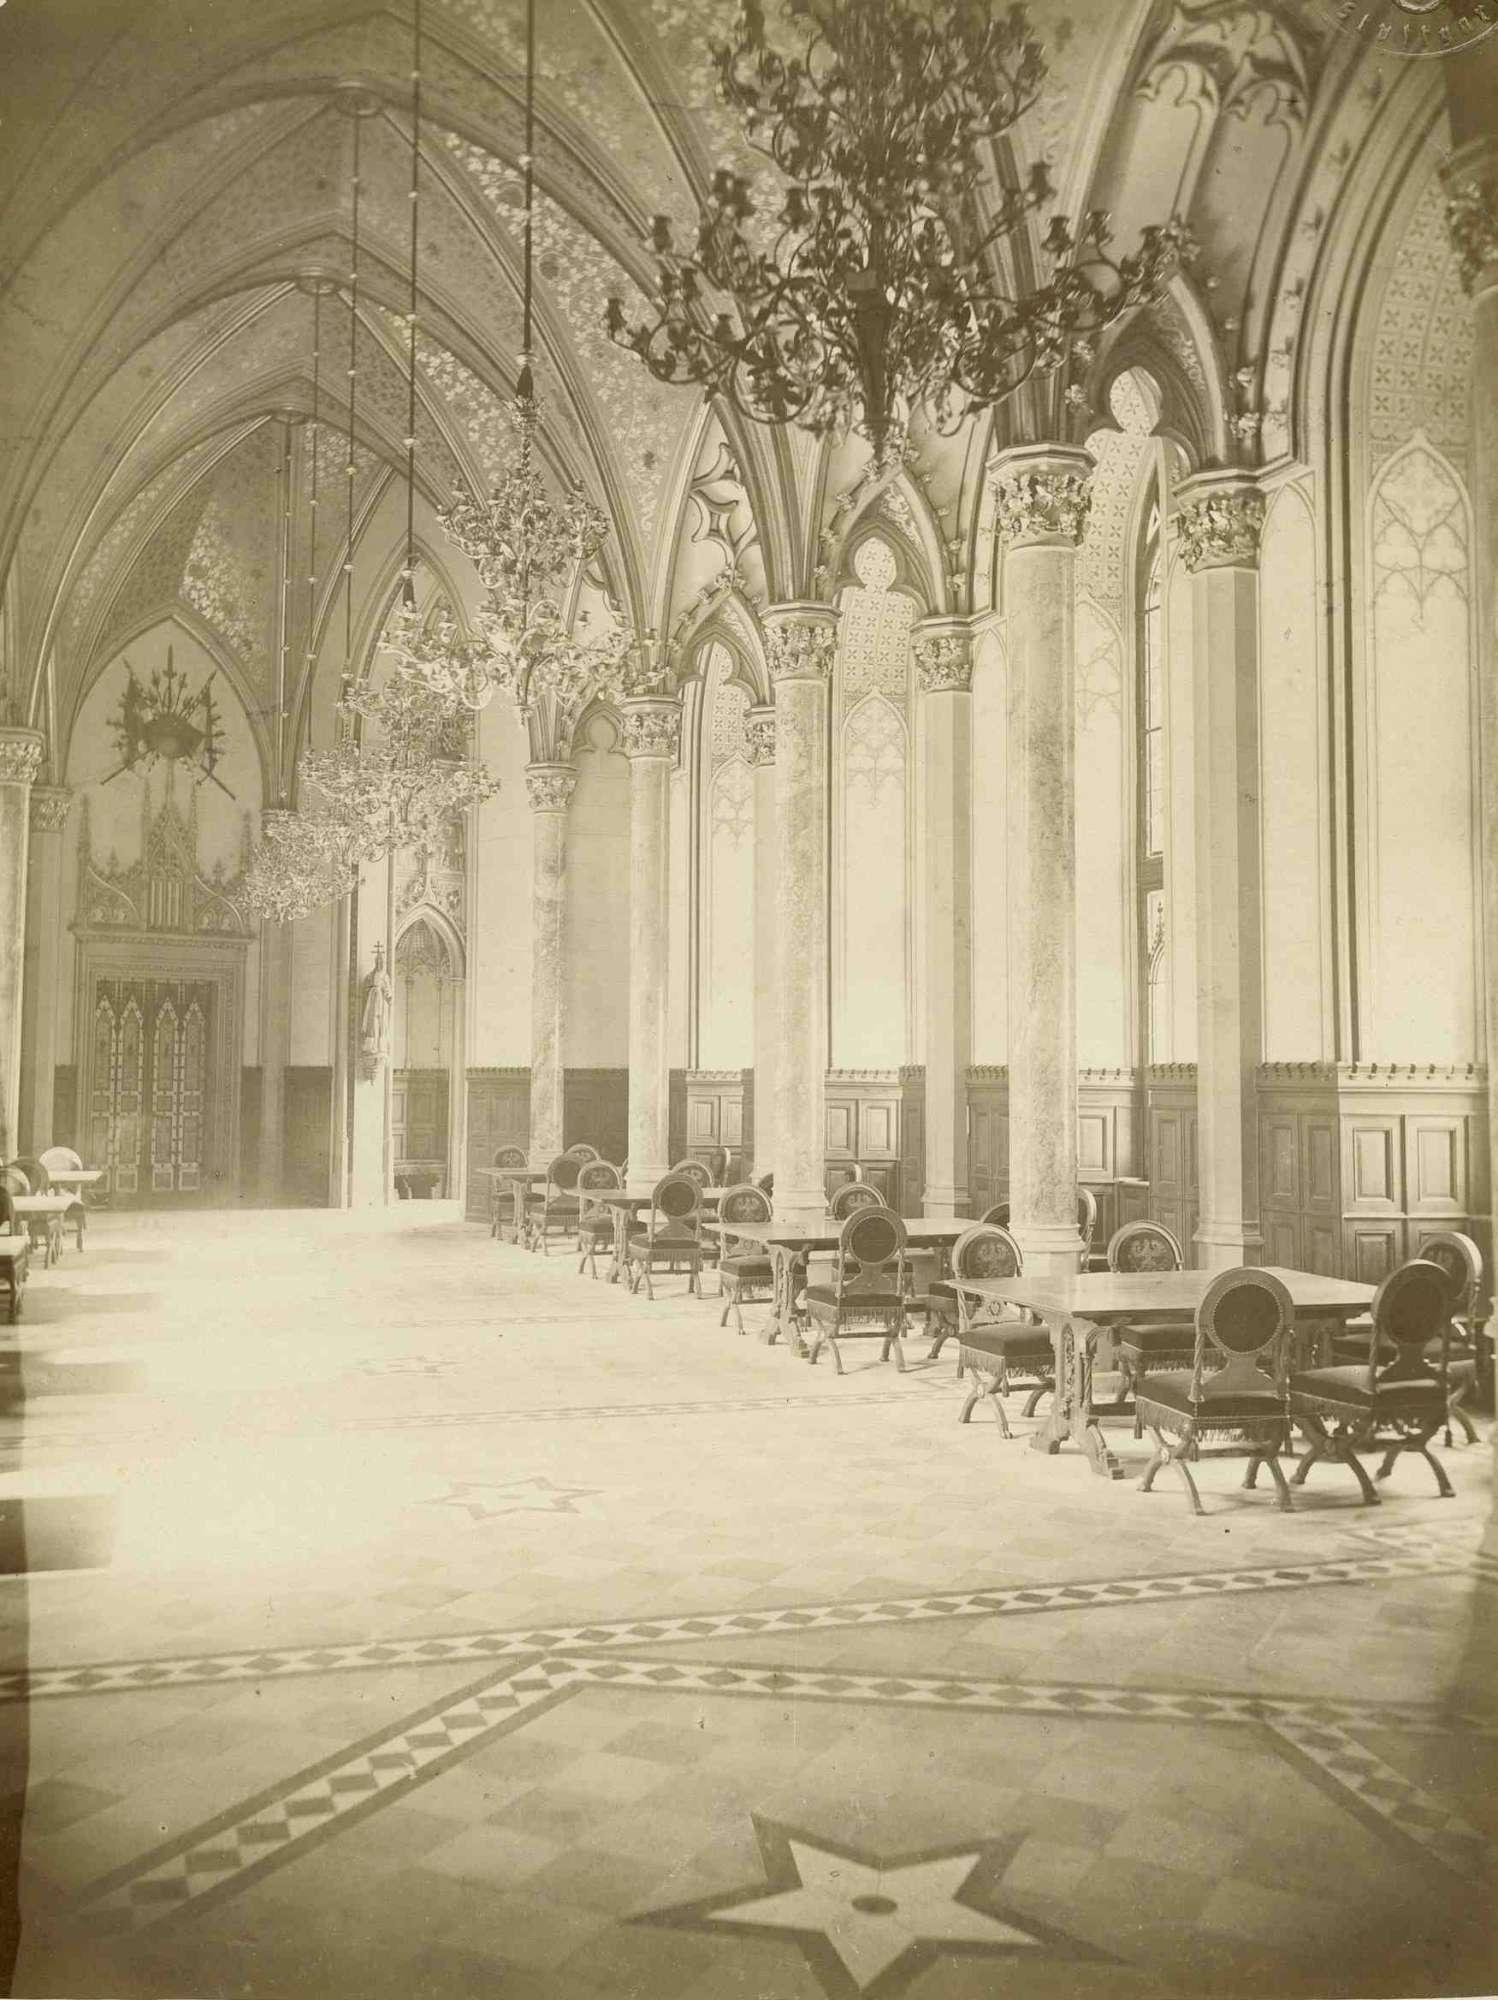 Rittersaal der Burg Hohenzollern, Bild 1